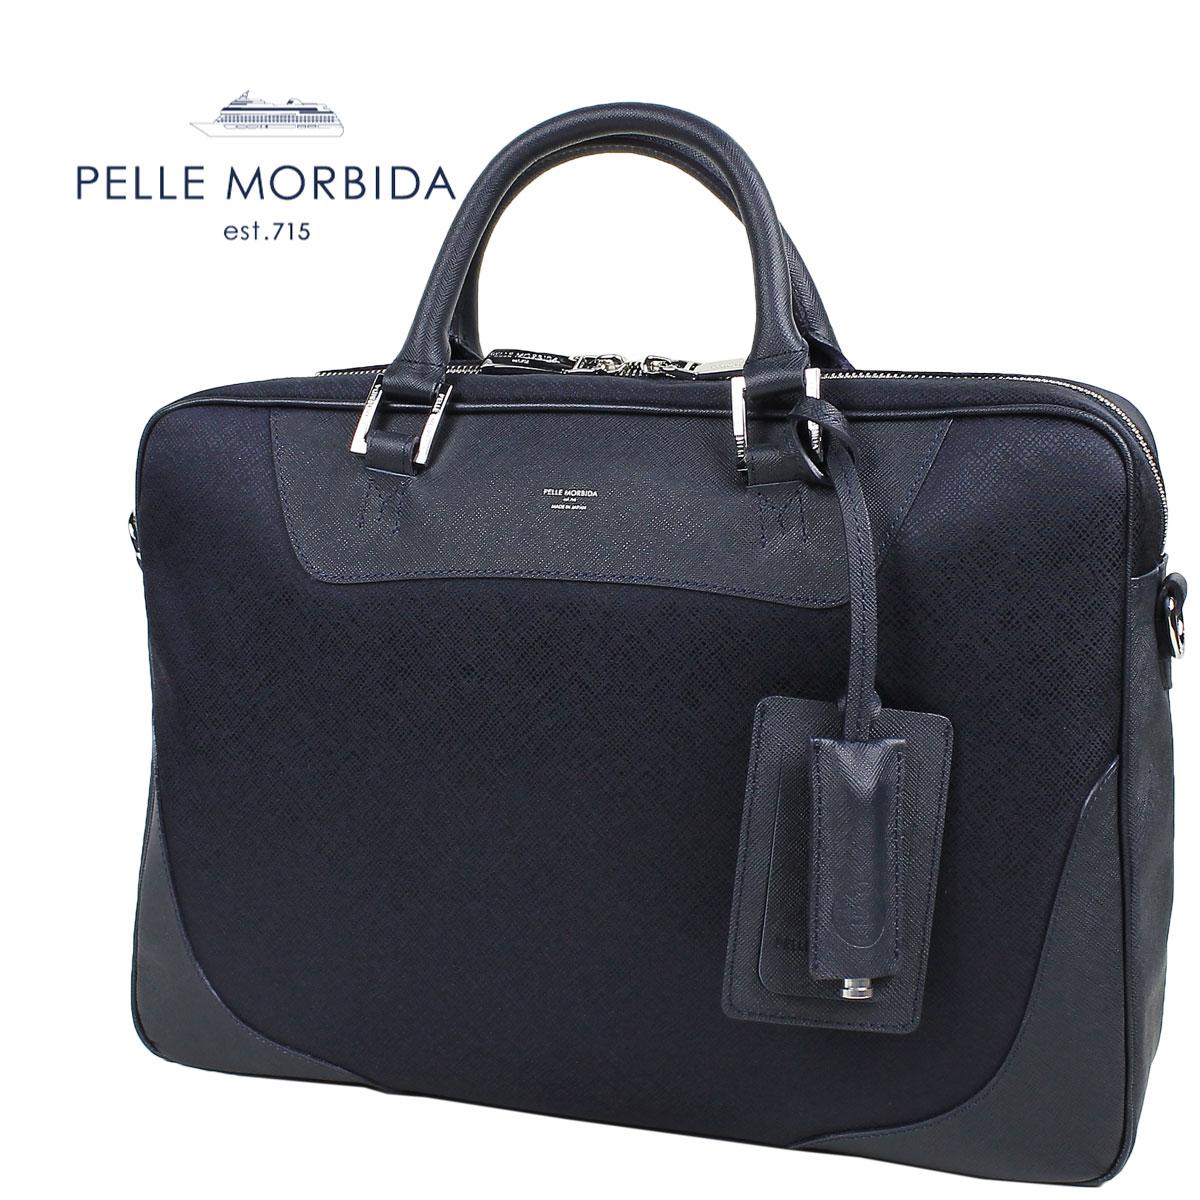 PELLE MORBIDA CAPITANO ペッレモルビダ キャピターノ リモンタナイロン 1ルーム ブリーフケース PMO-CA102 (ネイビー×ネイビー)